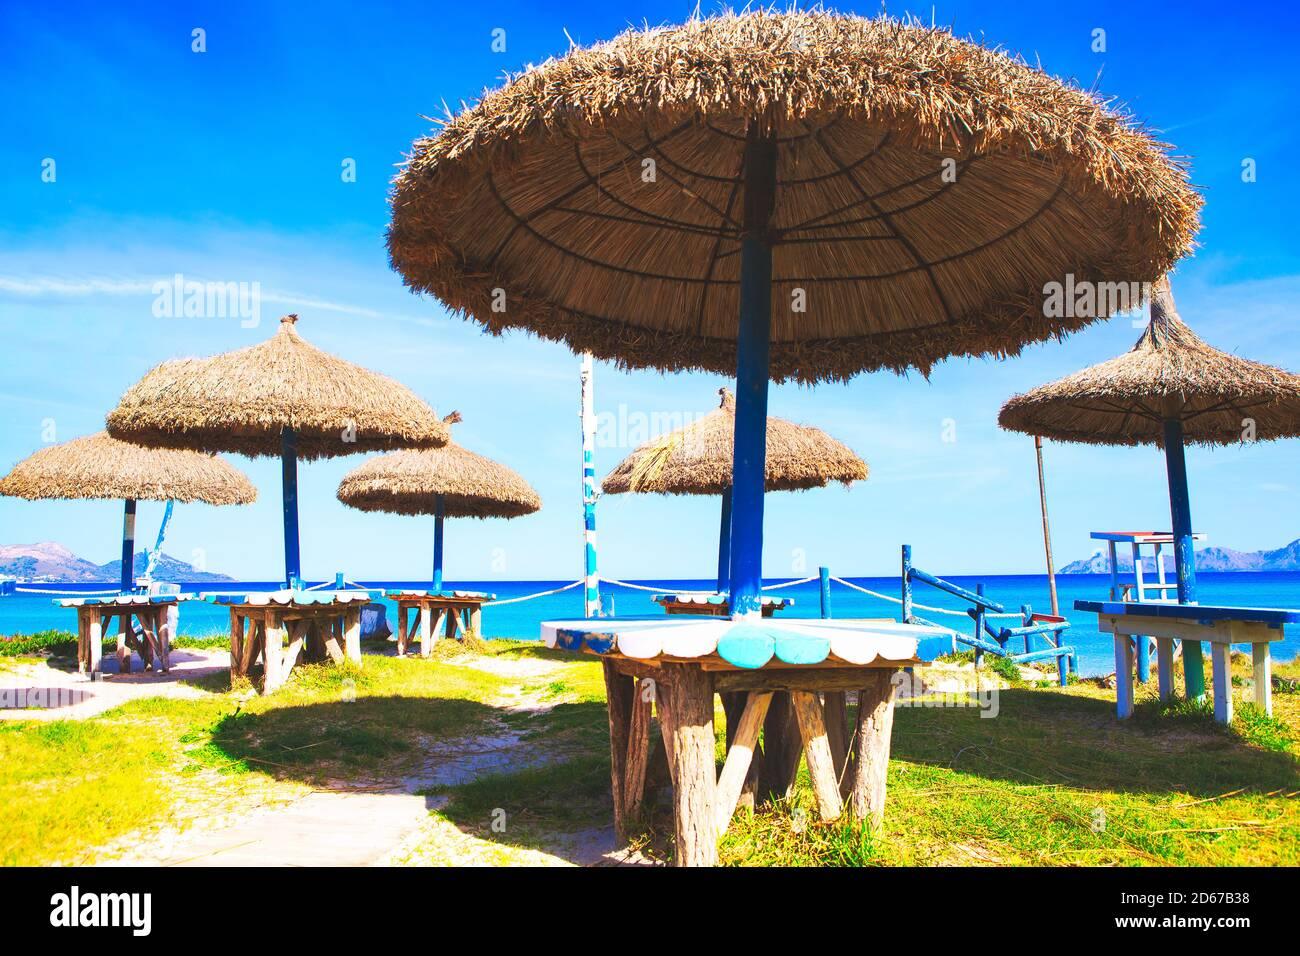 Sombrillas y mesas de playa exóticas. Terraza tropical de verano Foto de stock